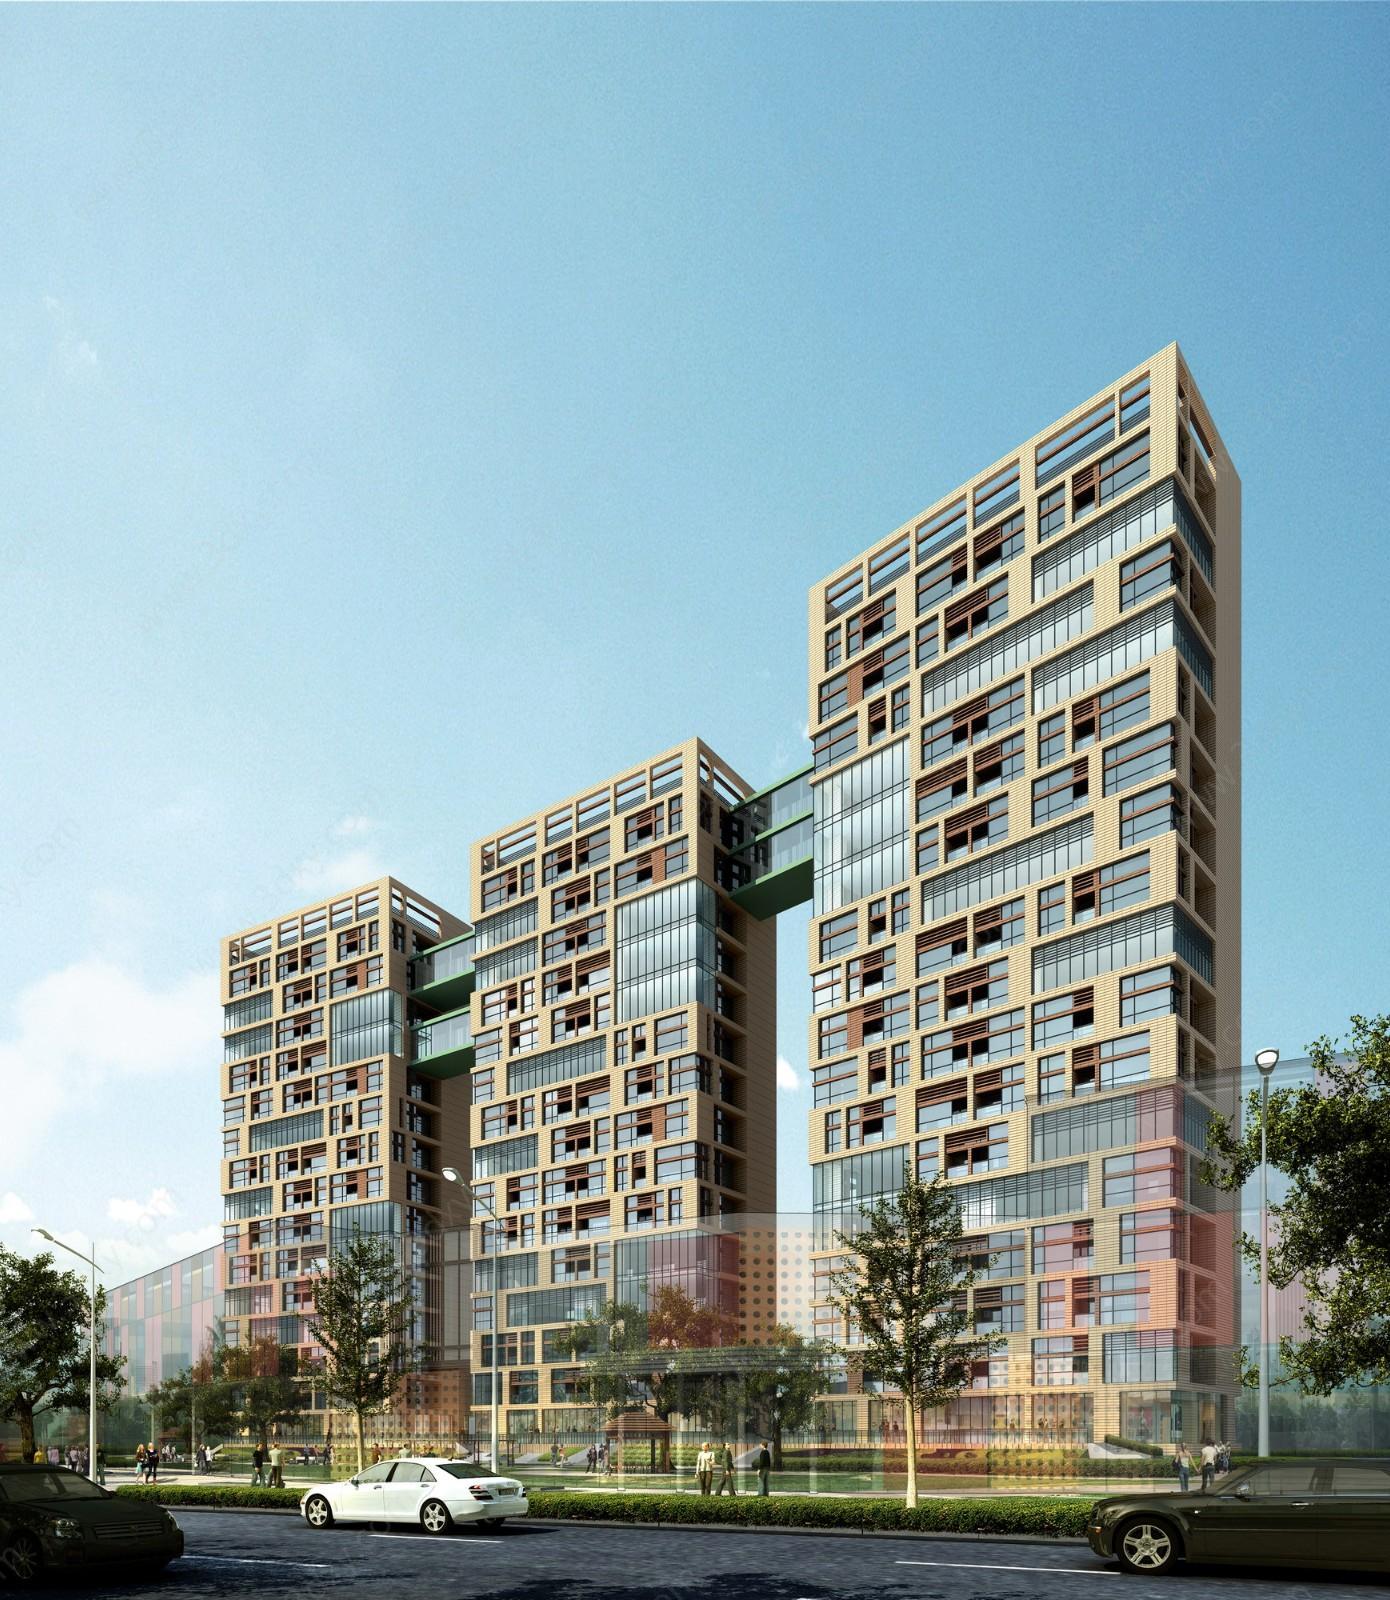 室外3d模型 高层天桥建筑工装模型  关键词:高层建筑3d模型玻璃天桥3d